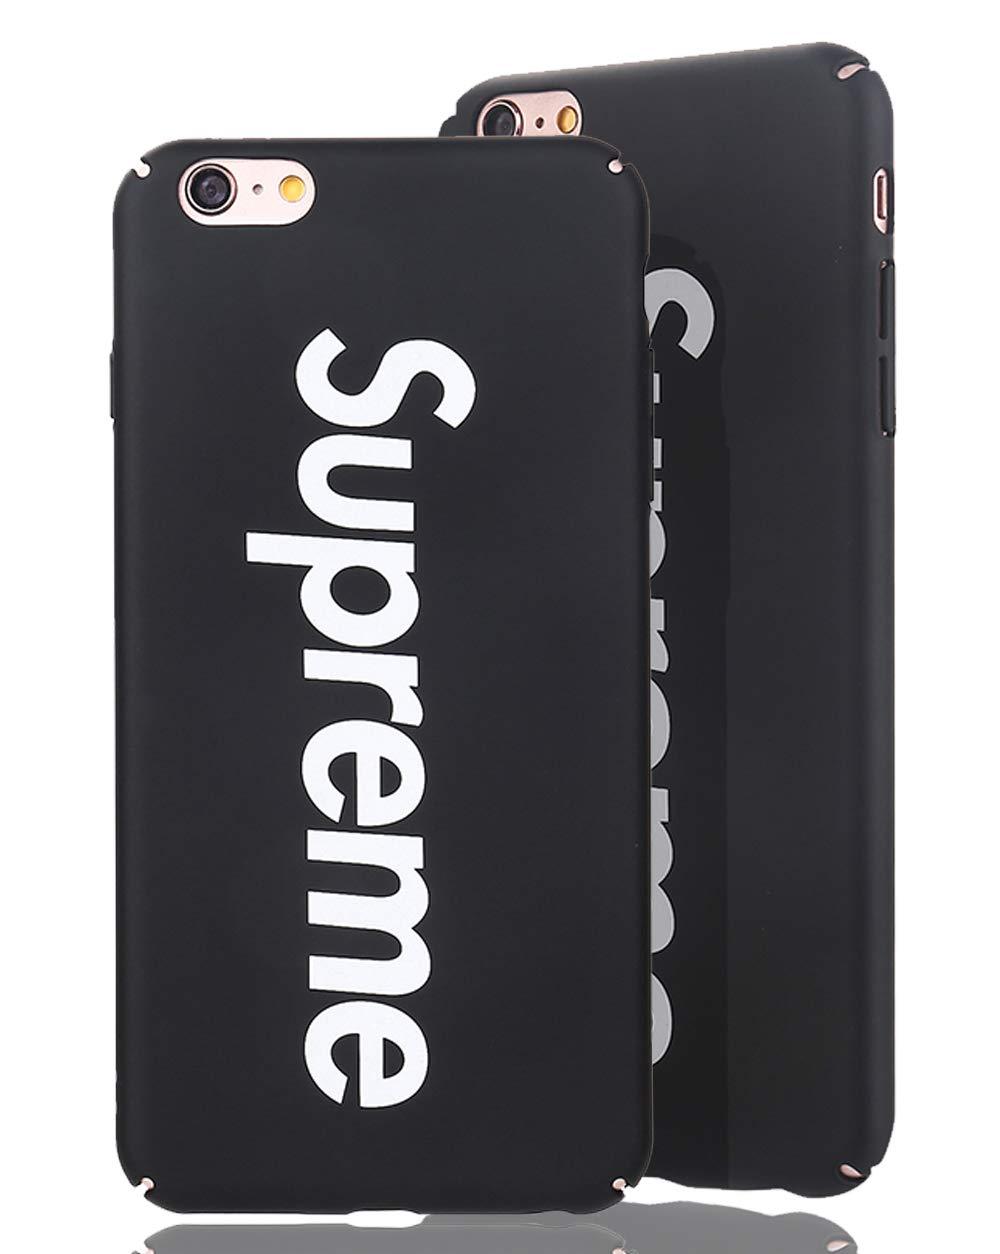 Delgado y Ultra Delgado Ajuste 70s up Apple iPhone 6, Negro Ligero Estuche Protector Hard Shell de Supreme en Mate Fino